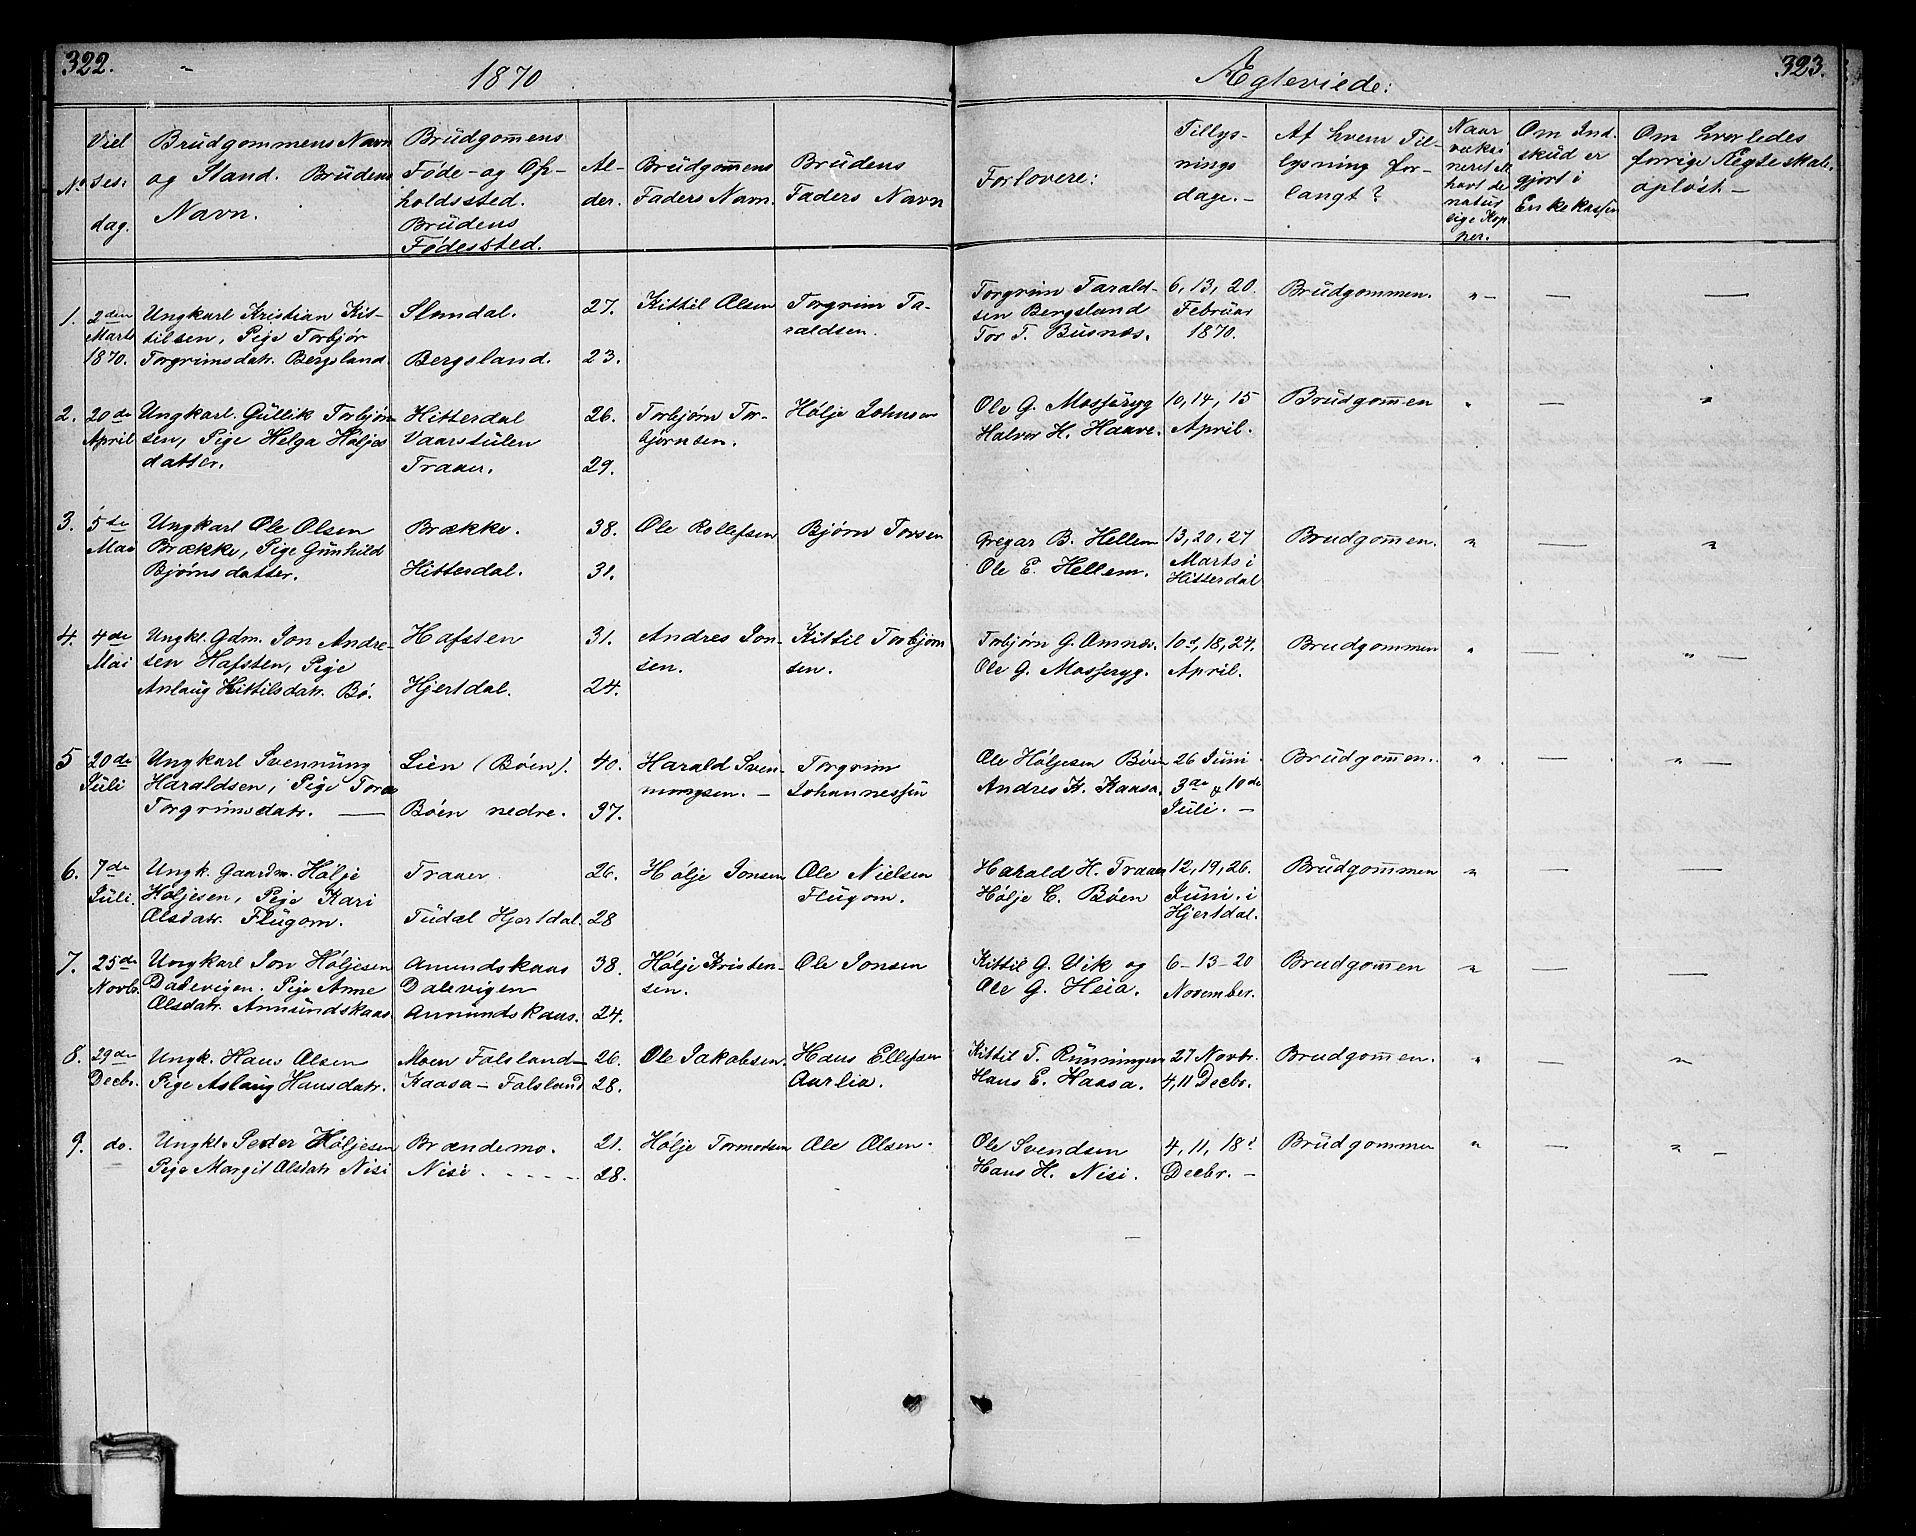 SAKO, Gransherad kirkebøker, G/Ga/L0002: Klokkerbok nr. I 2, 1854-1886, s. 322-323